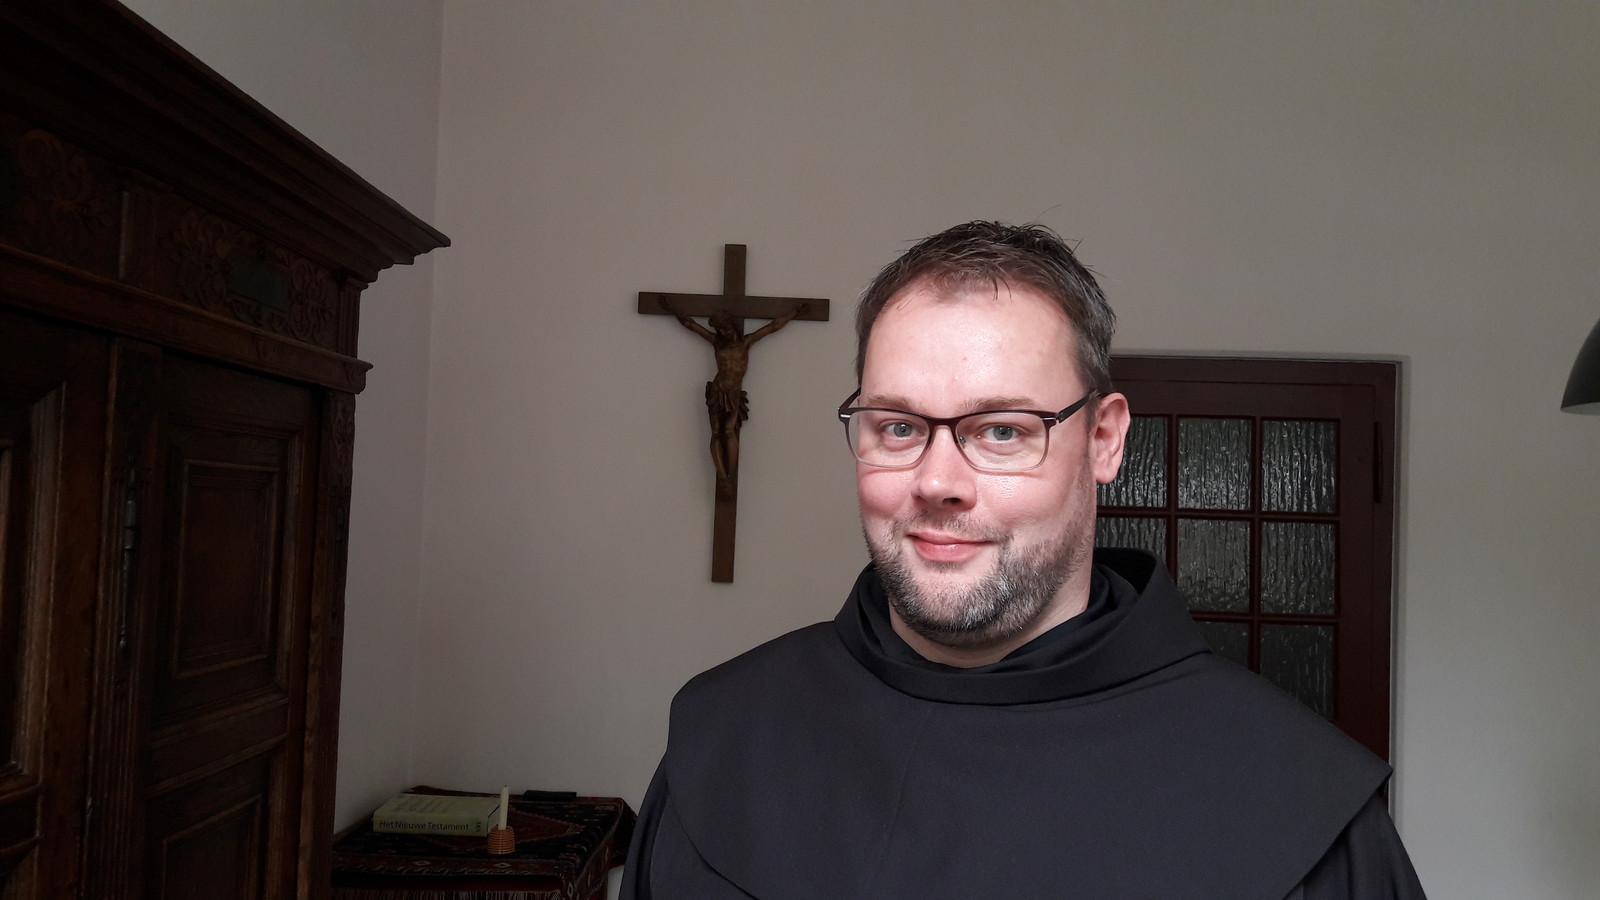 Franciscaan Jan ter Maat : ,,Terwijl er veel afbraak is in de kerk, zijn wij bezig met opbouw. Wij laten zien dat samenwerken mogelijk is. Dat is mooi om mee te maken''